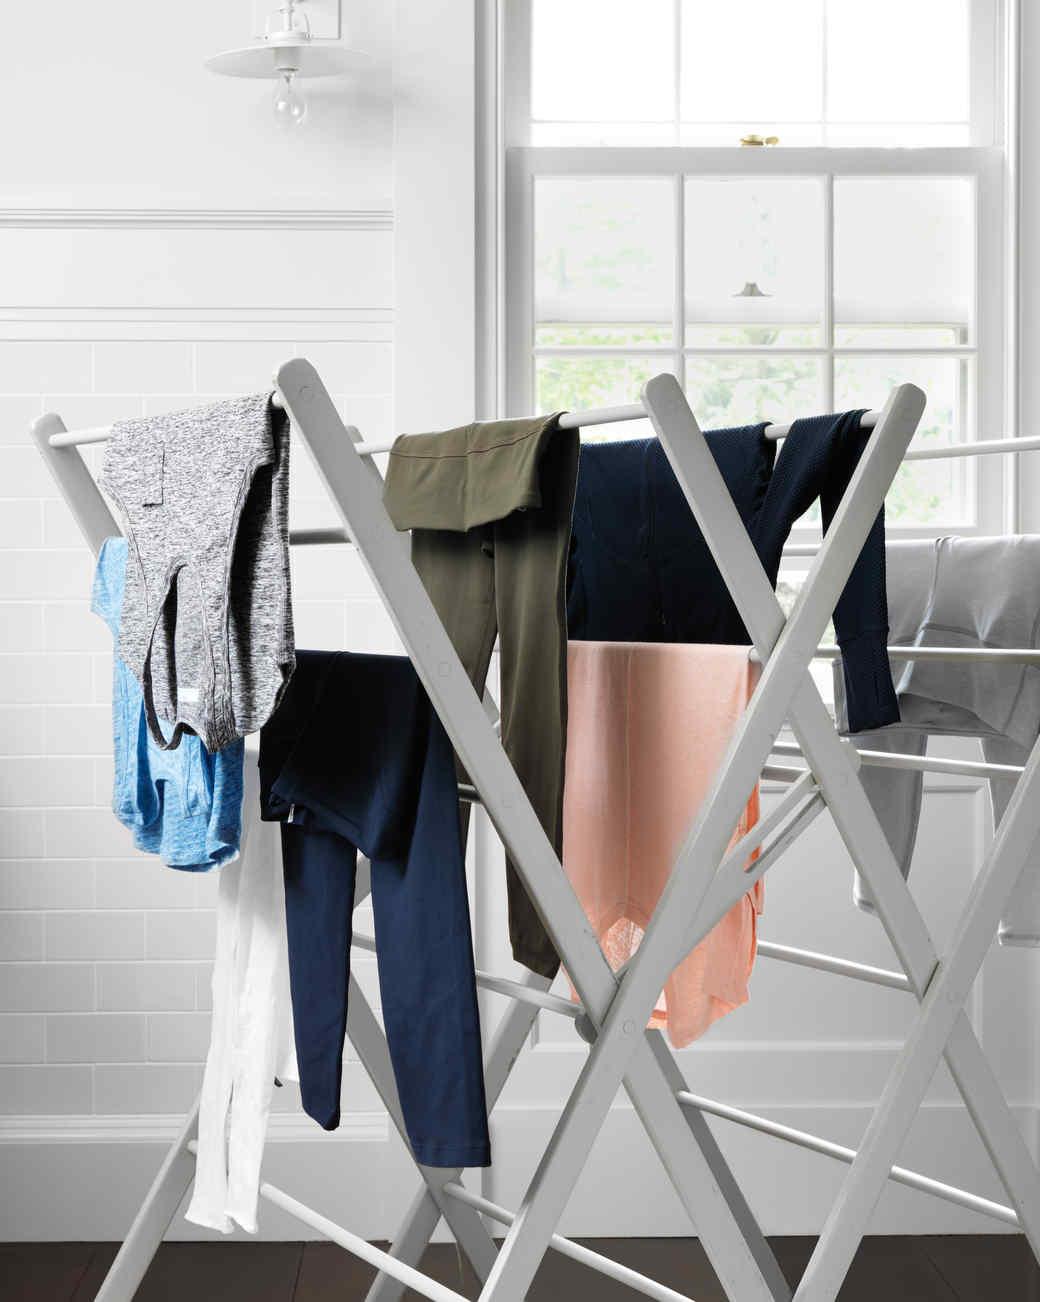 laundry-rack-d111389-023.jpg